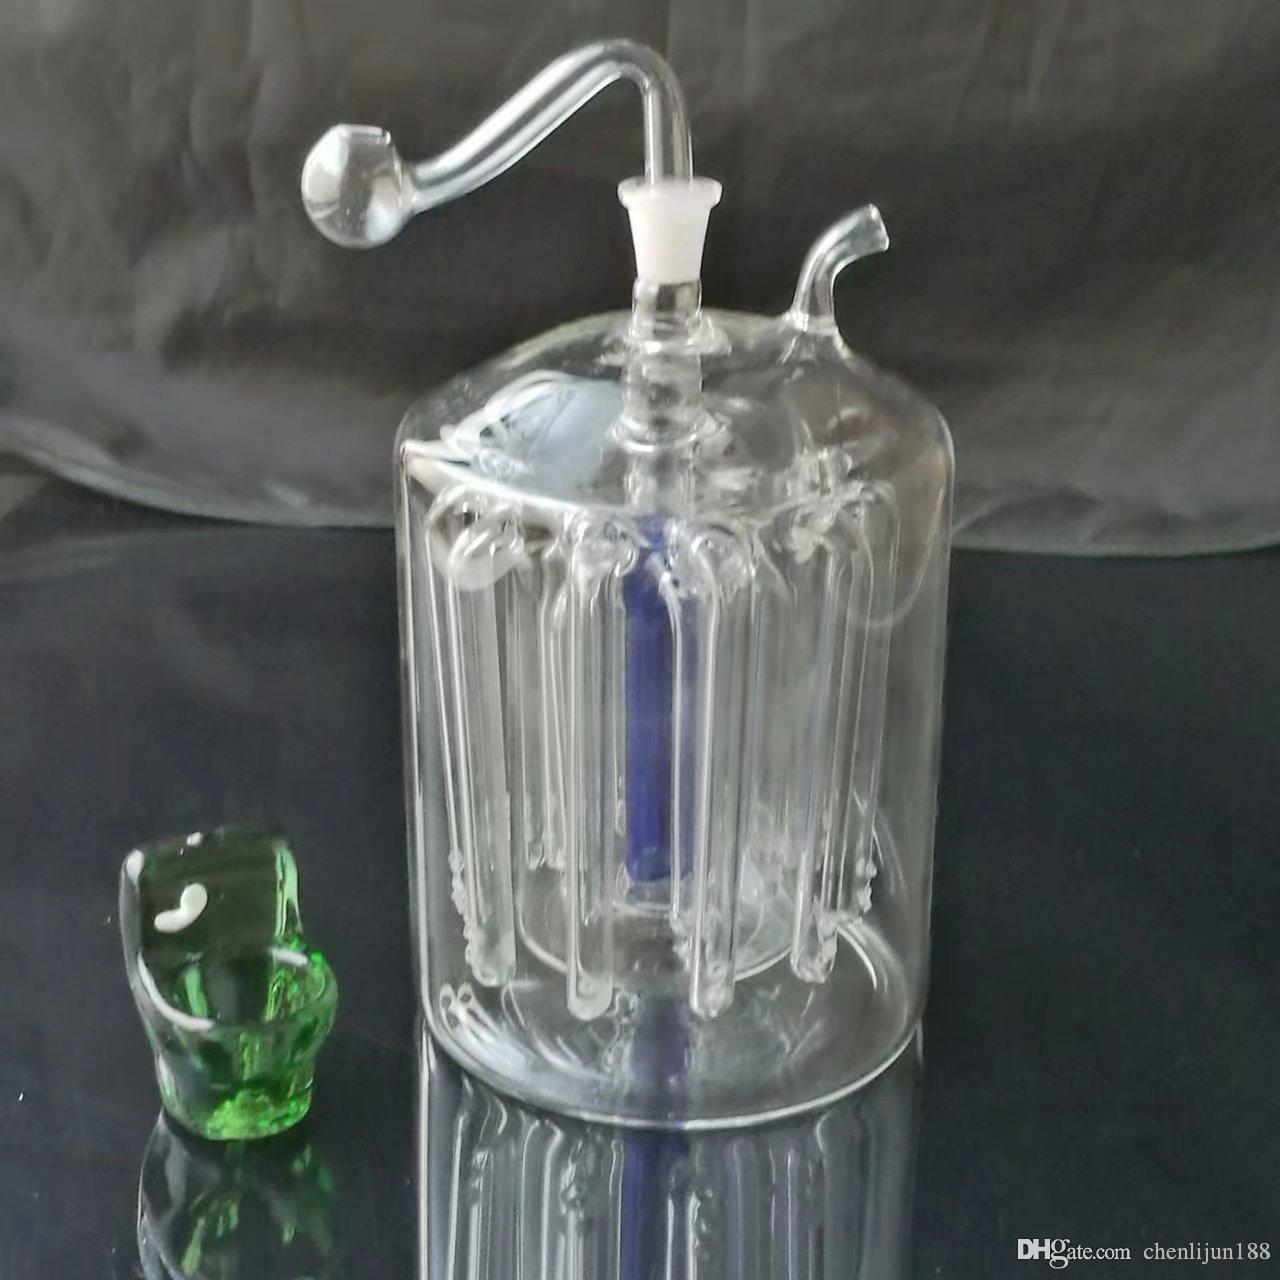 Супер 16 коготь немой кальянный фильтр, стеклянные бонги, оптовые трубы для воды, стеклянные трубы, буровые установки для курения, бесплатная доставка